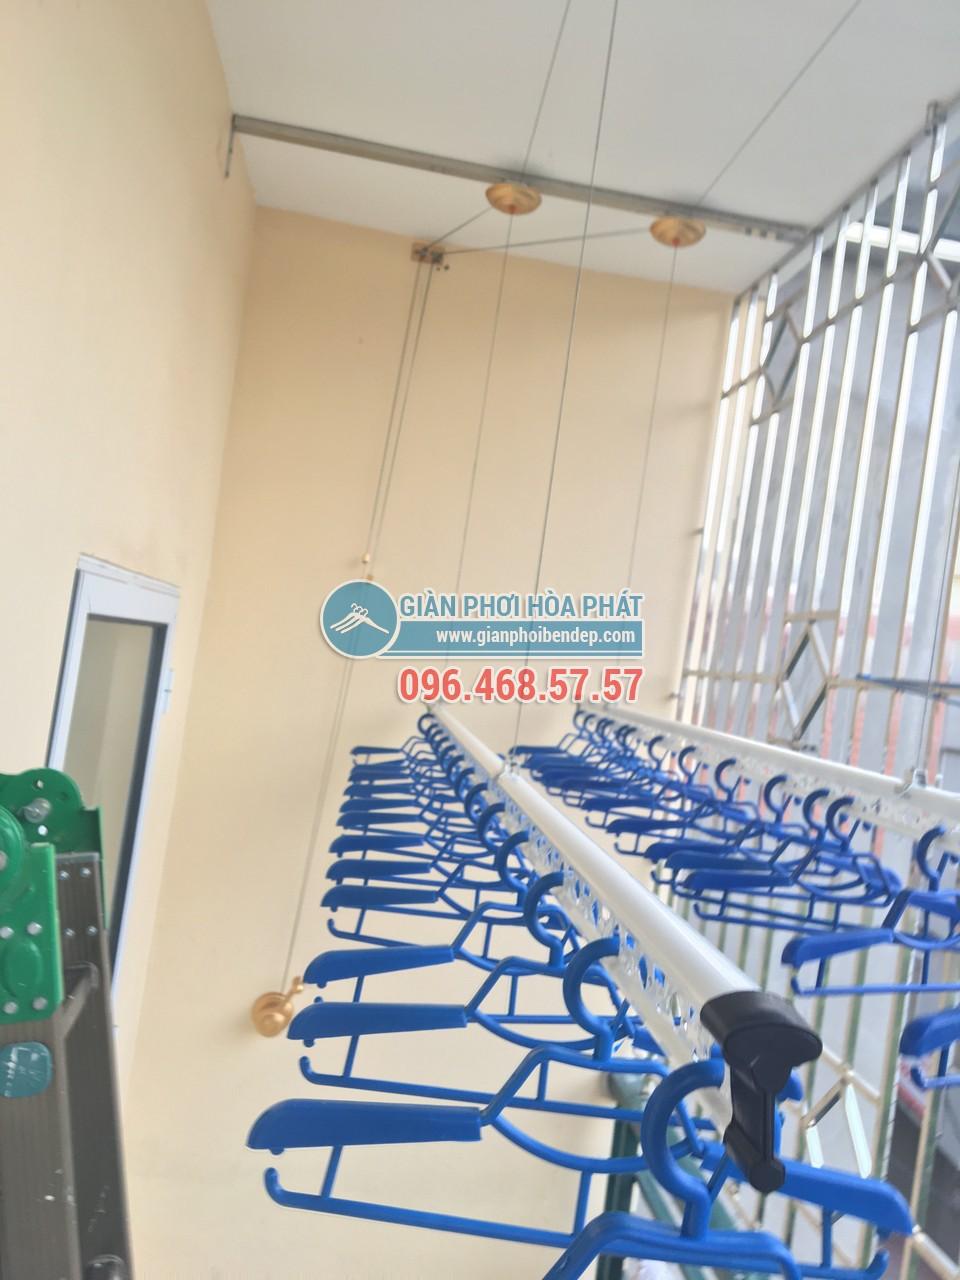 Lắp đặt giàn phơi thông minh Hải Phòng giá rẻ, chính hãng Hòa Phát - 02